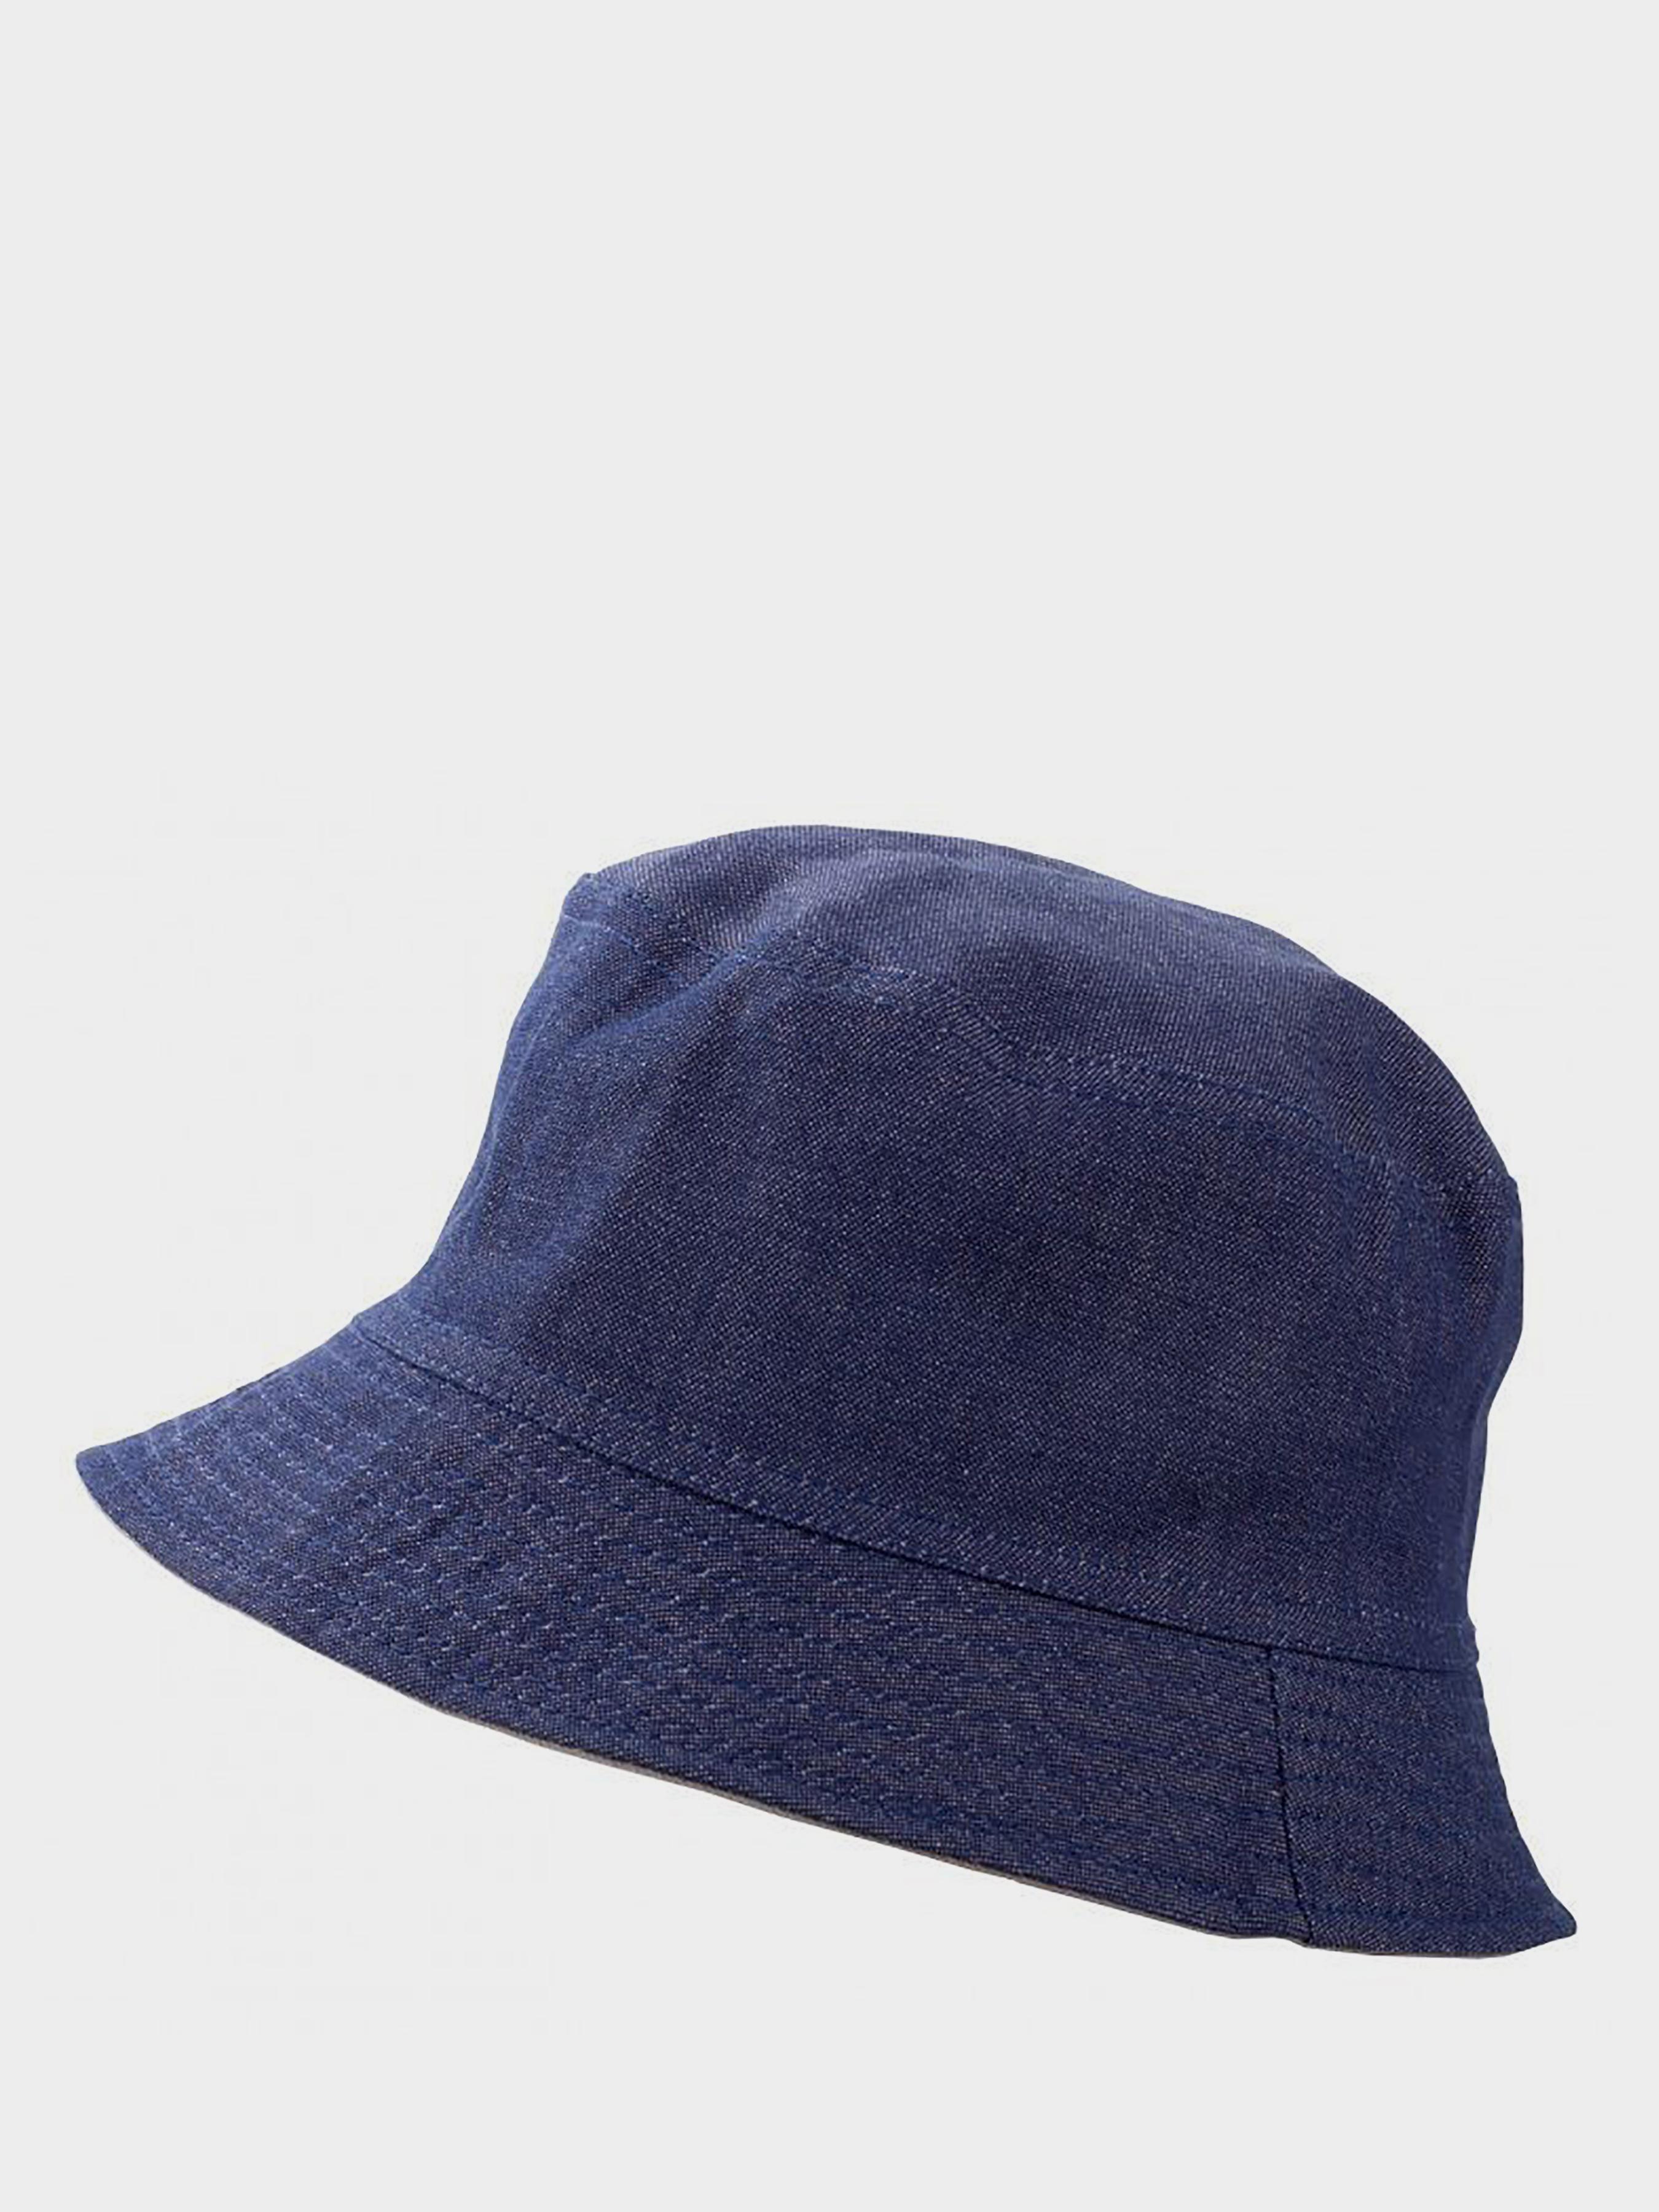 Купить Шляпа мужские модель BU850, Braska, Синий